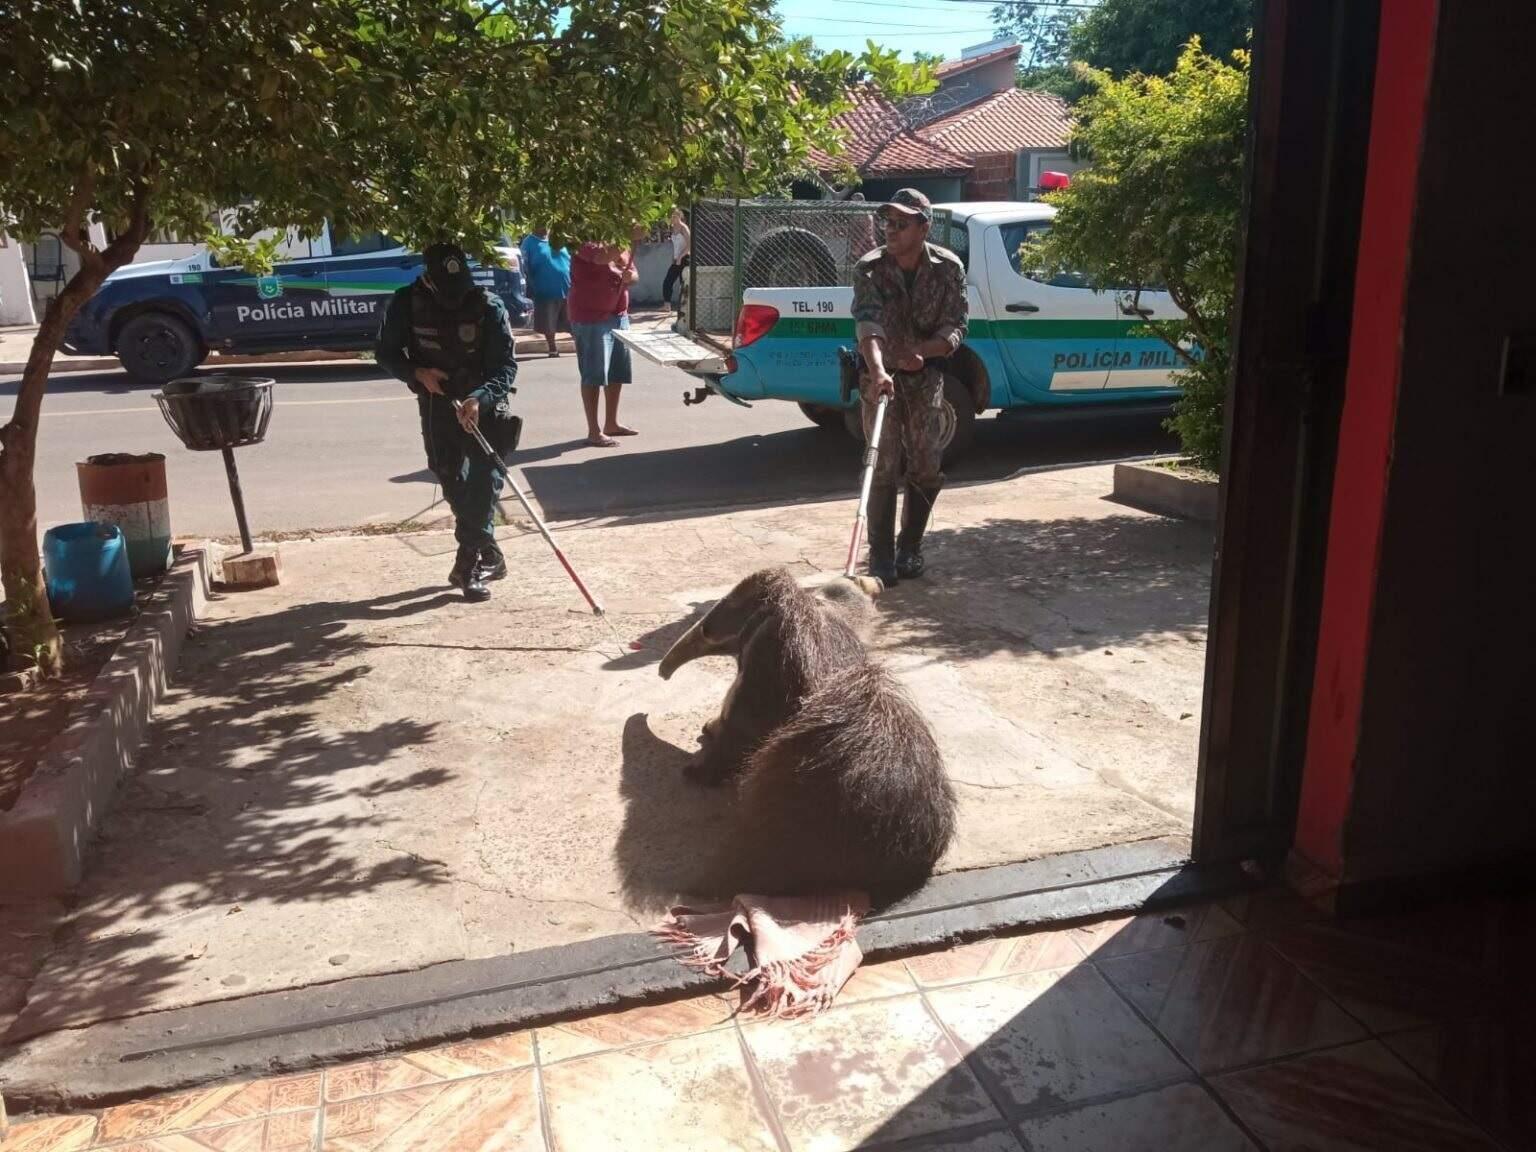 O animal foi capturado com auxílio de cambões. (Foto: PMA)